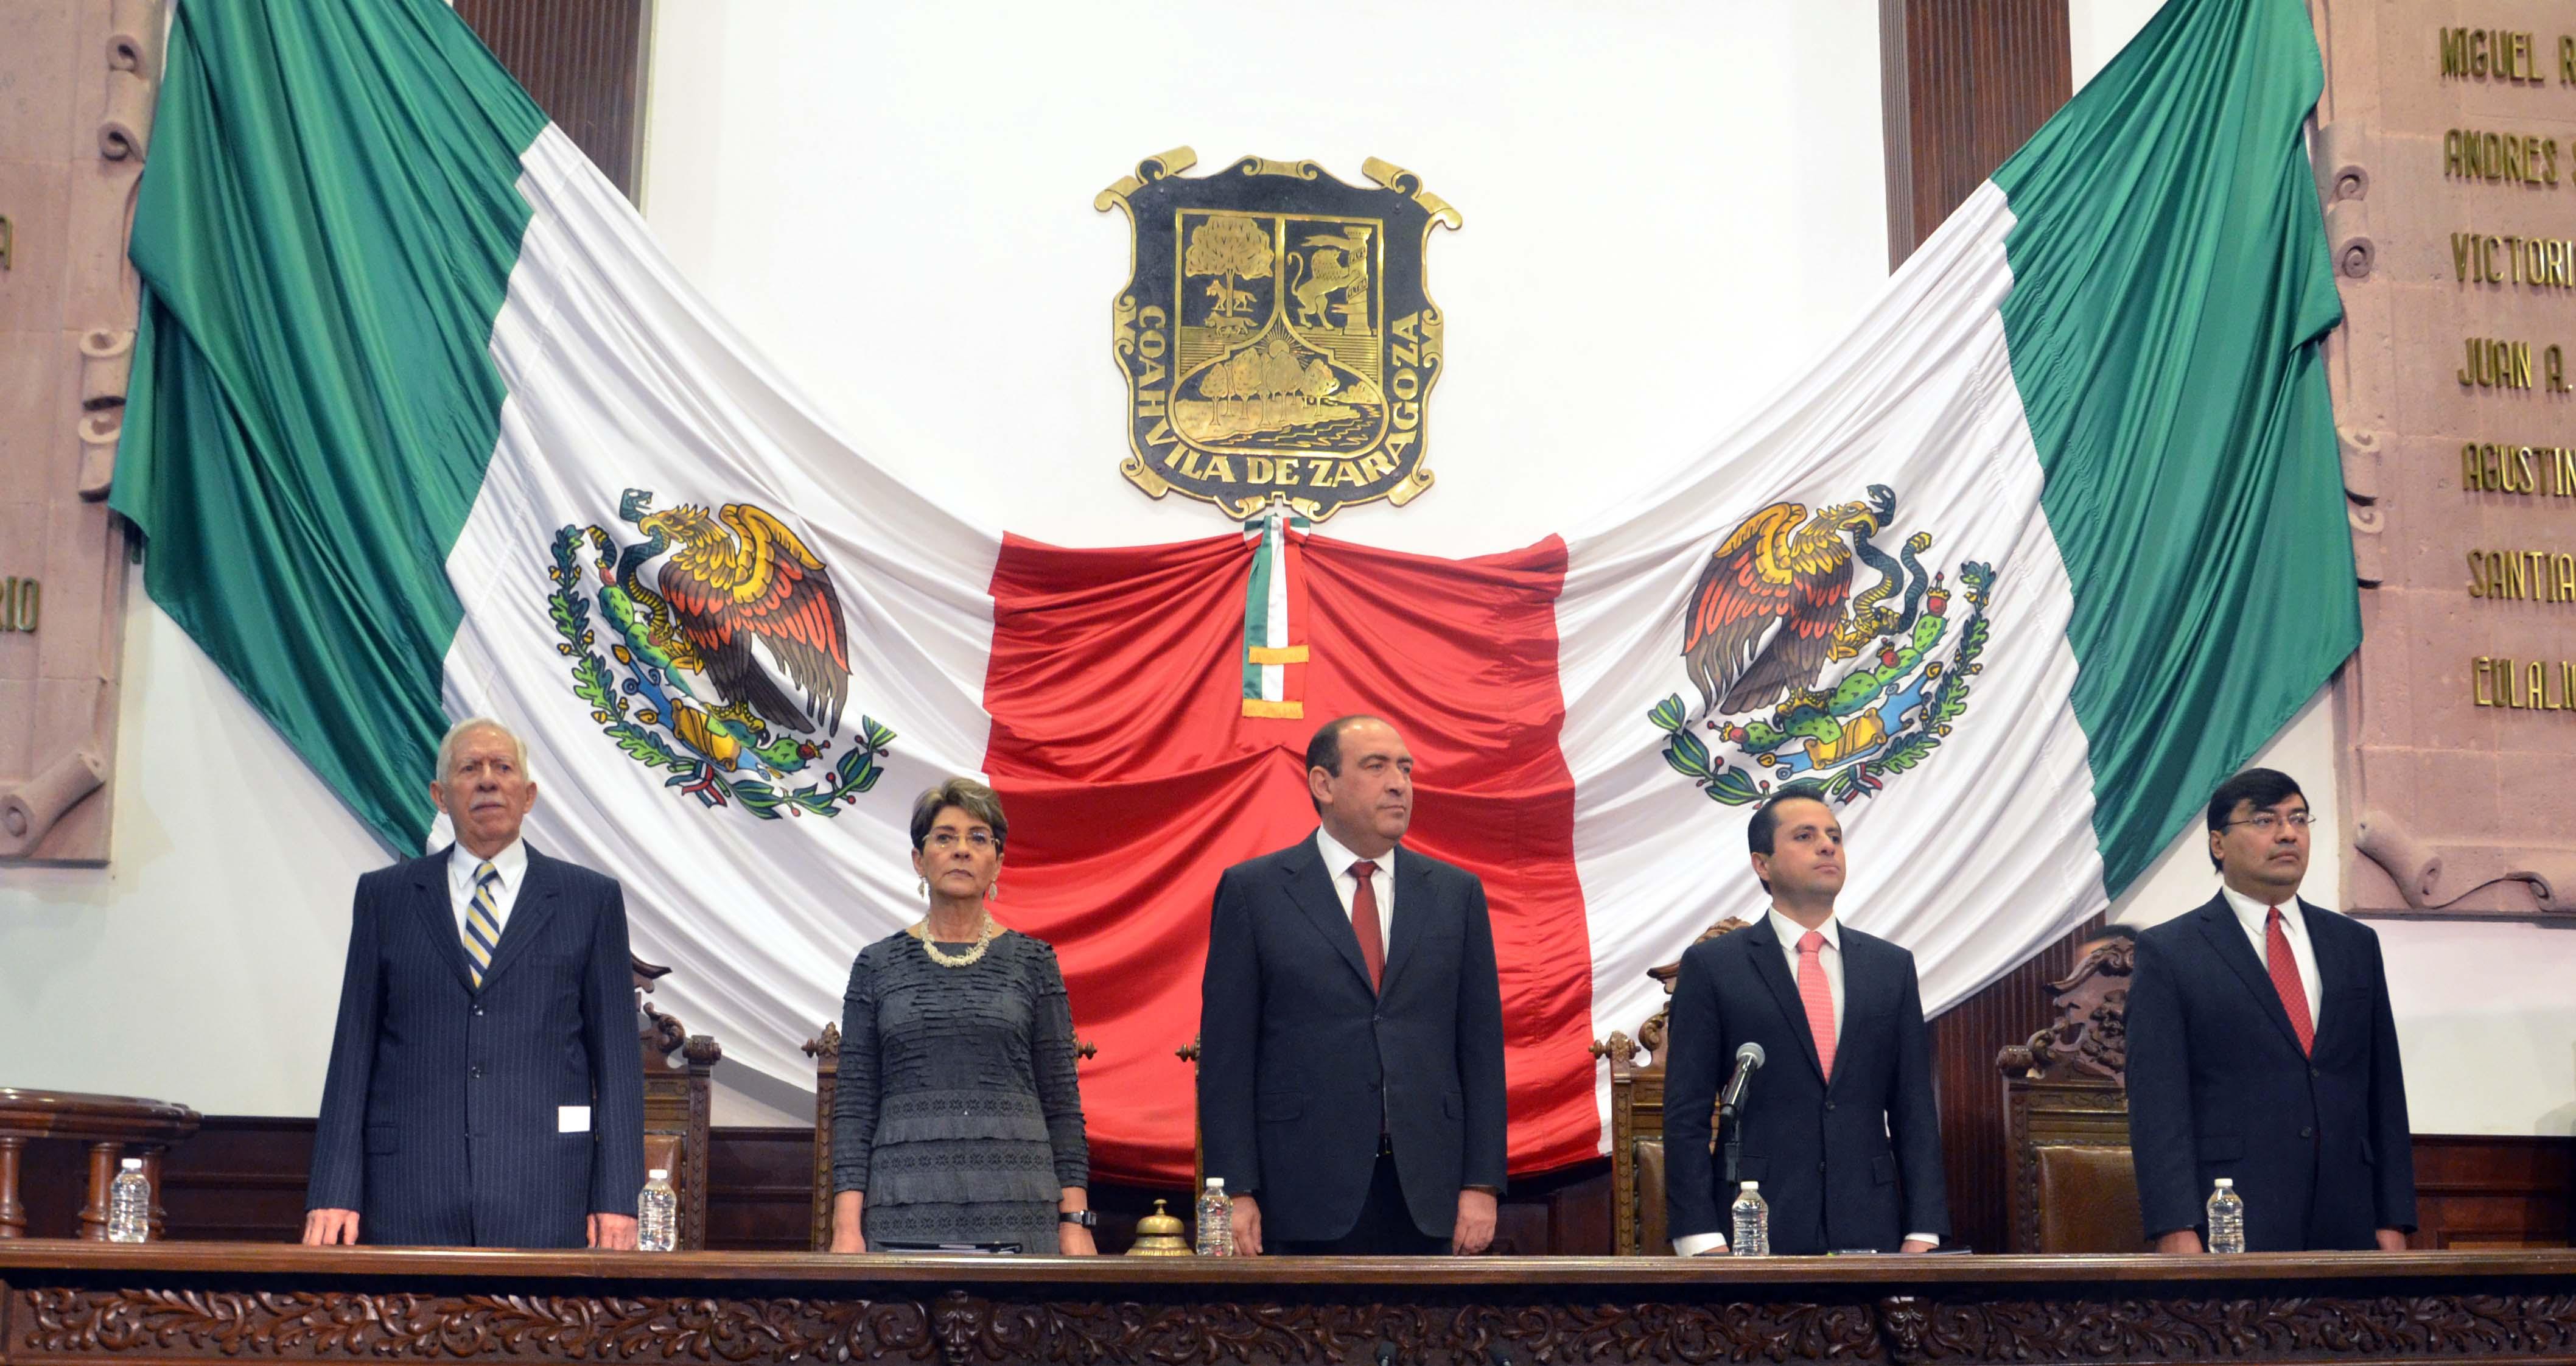 301114 Informe de Gobierno de Coahuila 01.jpg